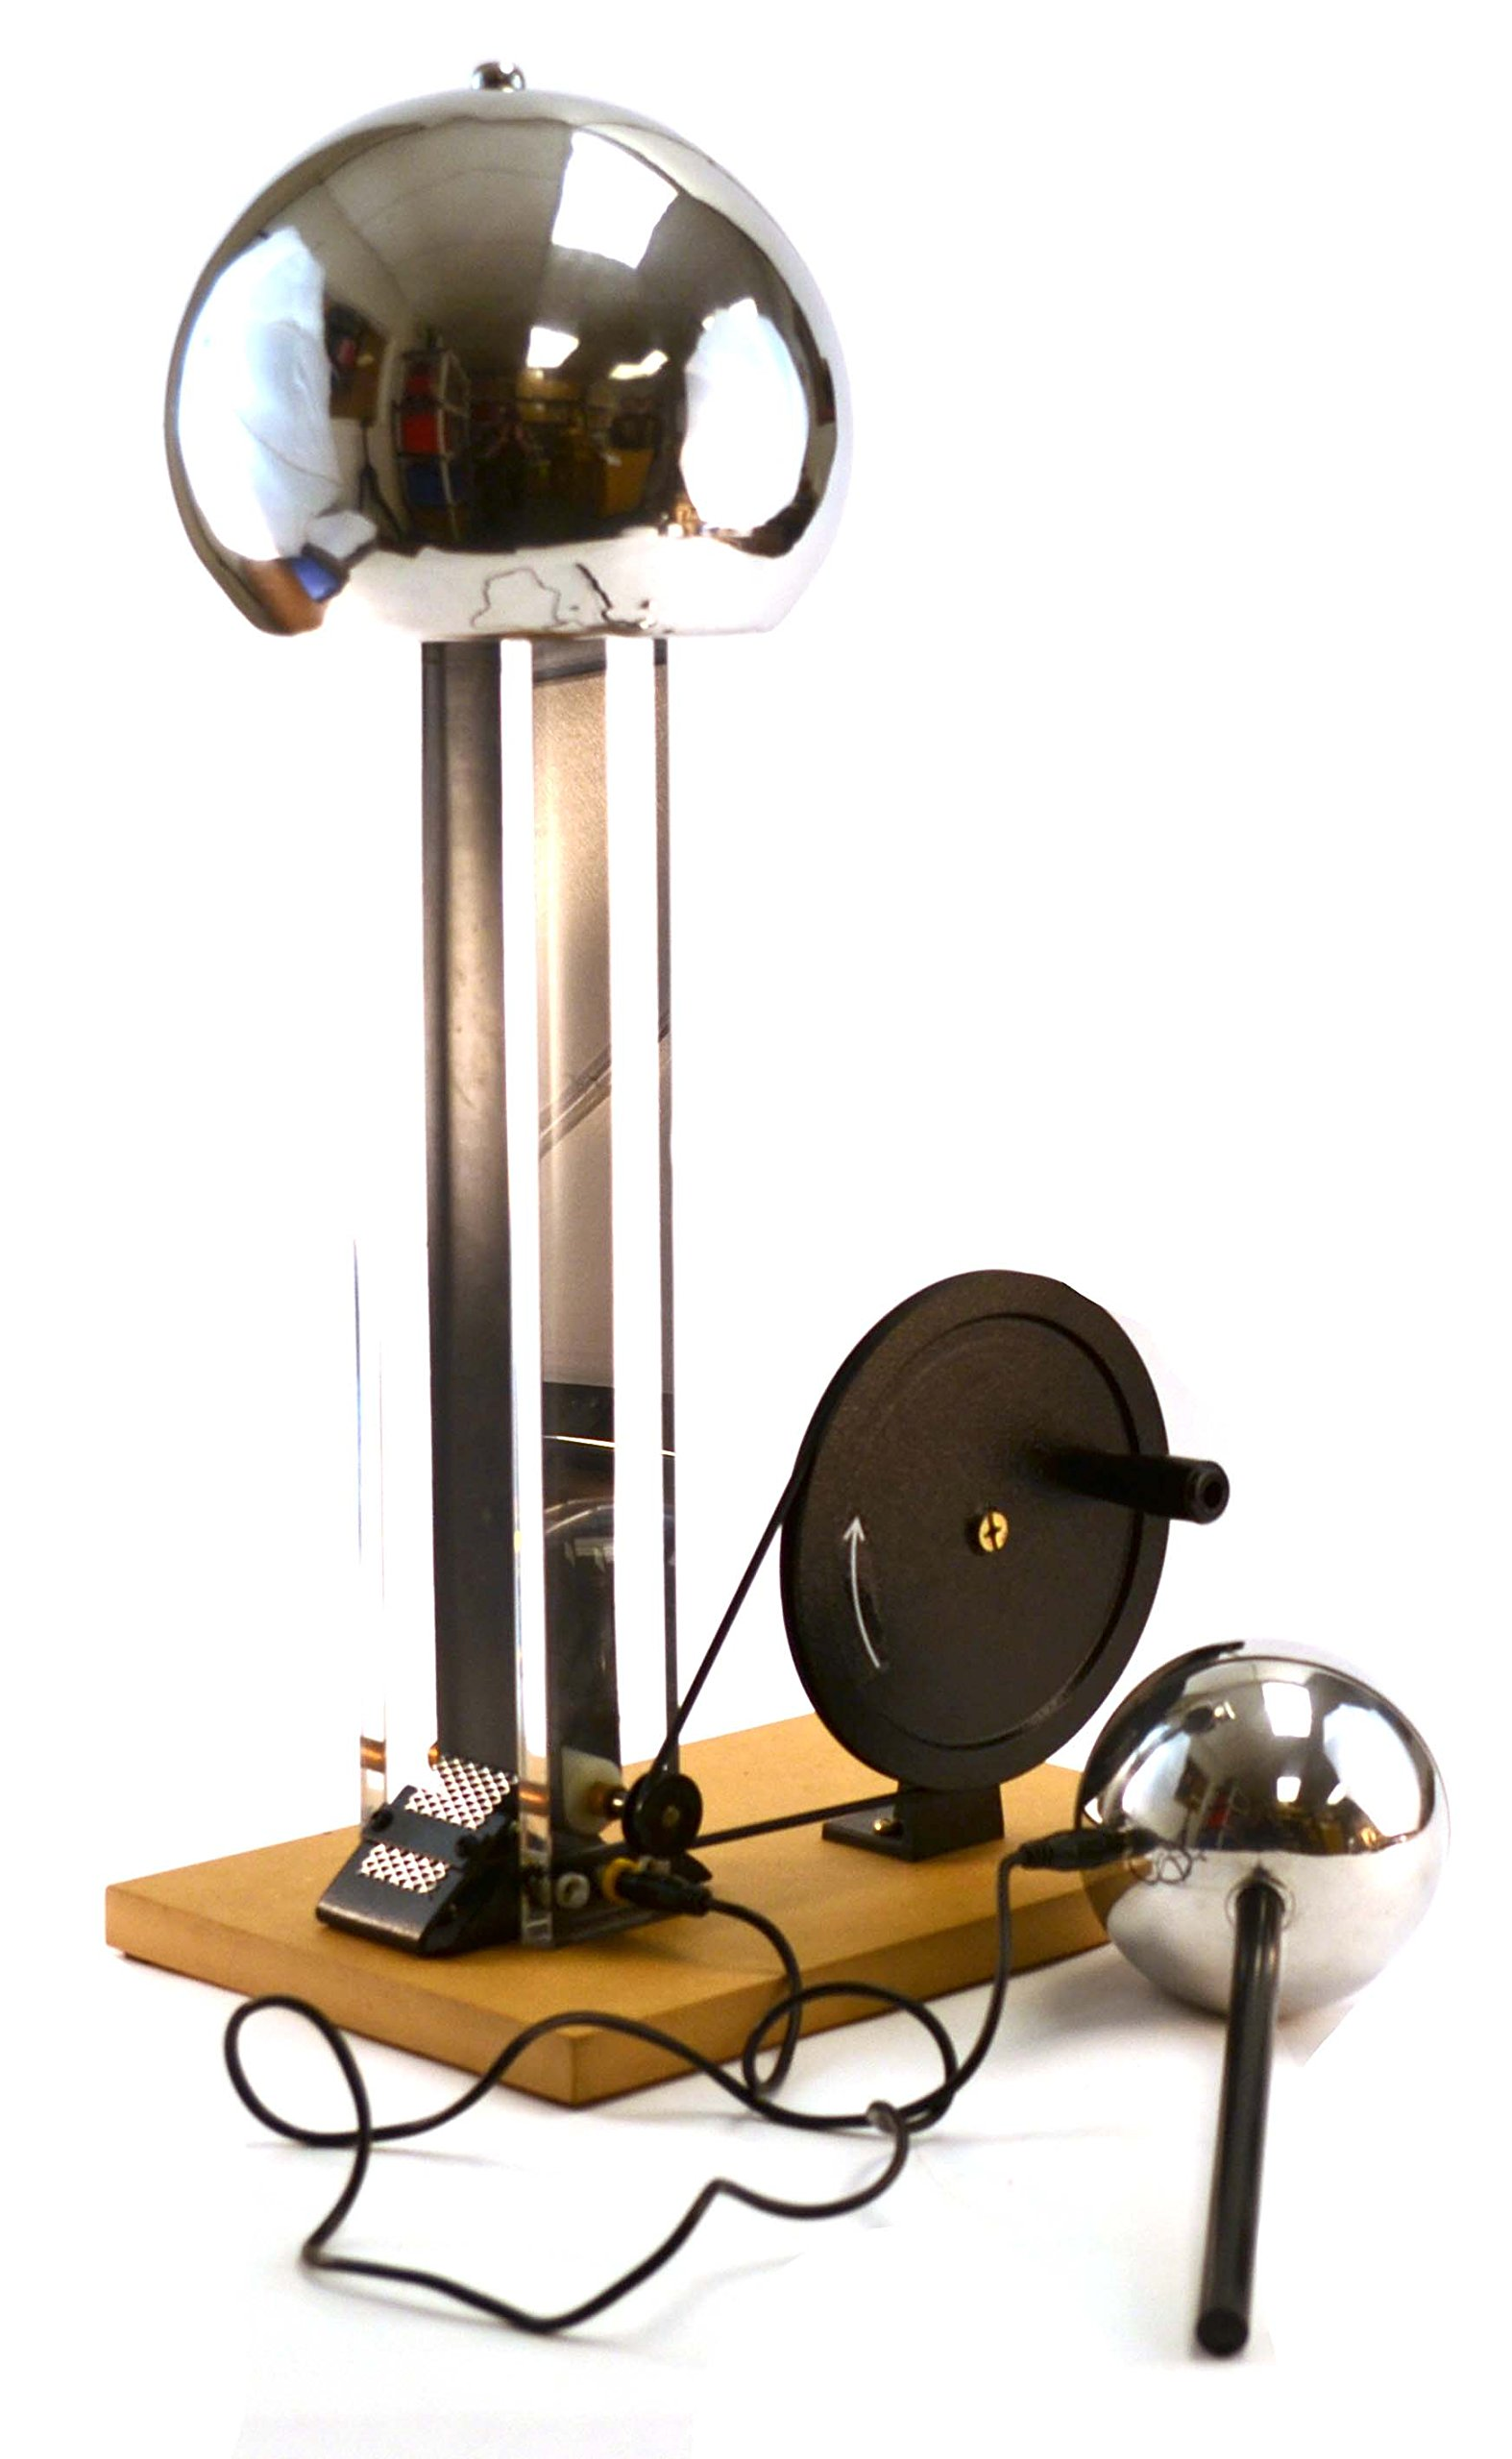 Hand Crank Van De Graaf Generator, up to 100kV, 7.5'' Dome, 4'' Discharge Sphere, 22'' Tall by EISCO